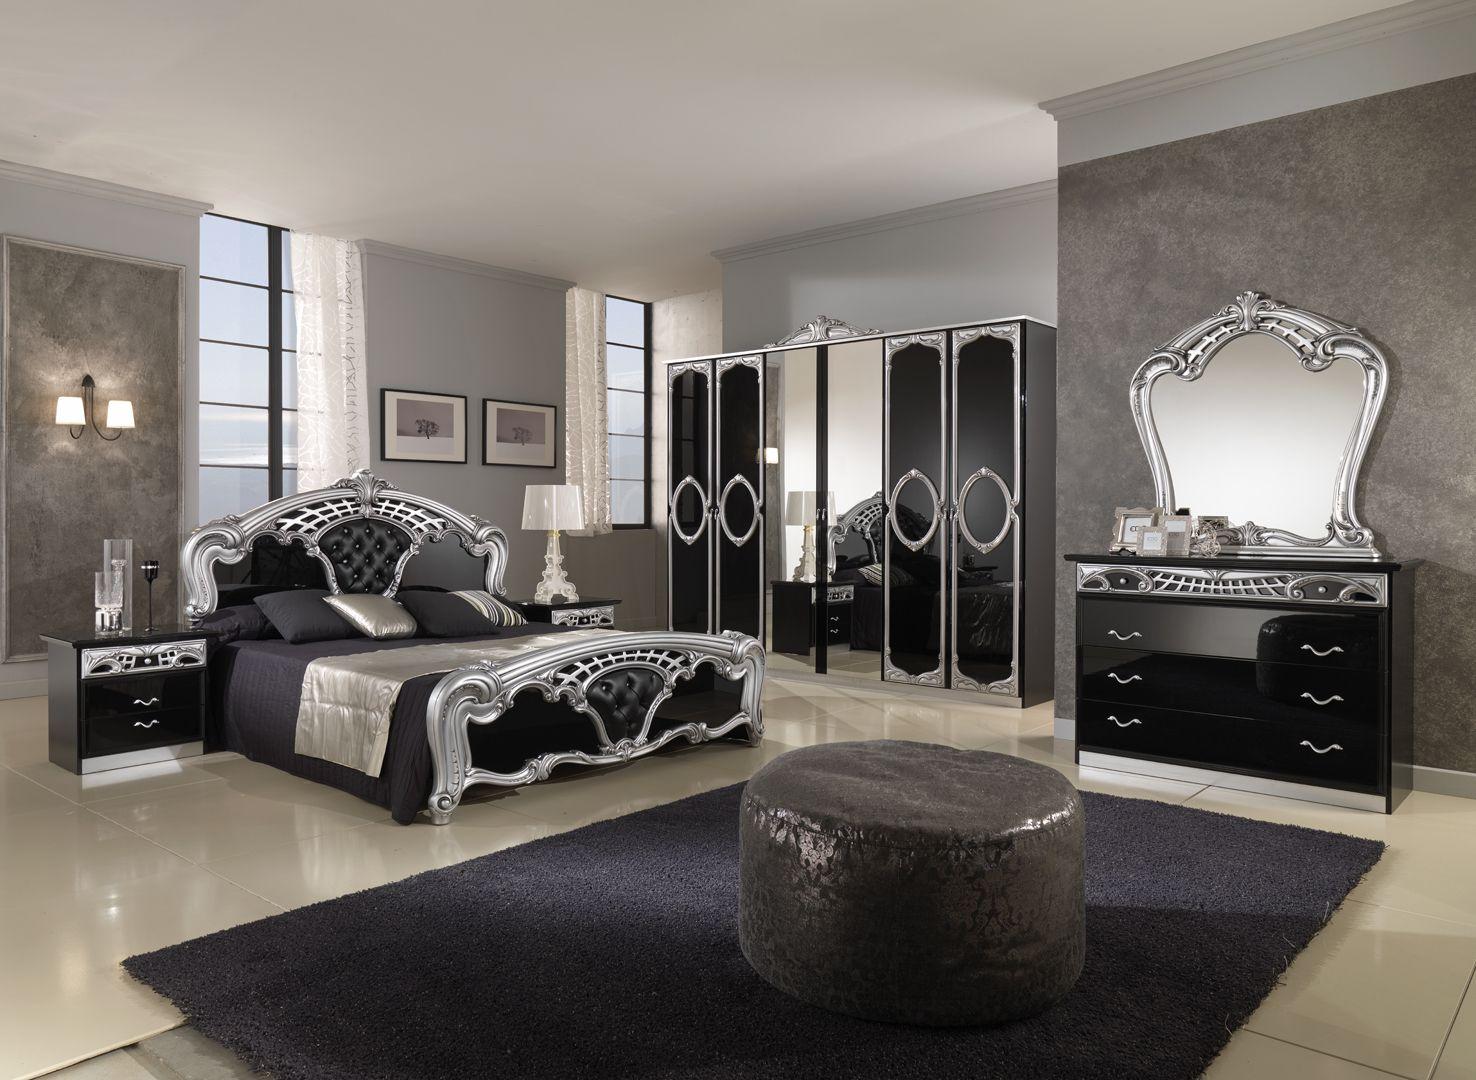 Gothic Bedroom Furniture Decor For Large Interior  Goth Bedroom Beauteous Gothic Bedroom Furniture Inspiration Design